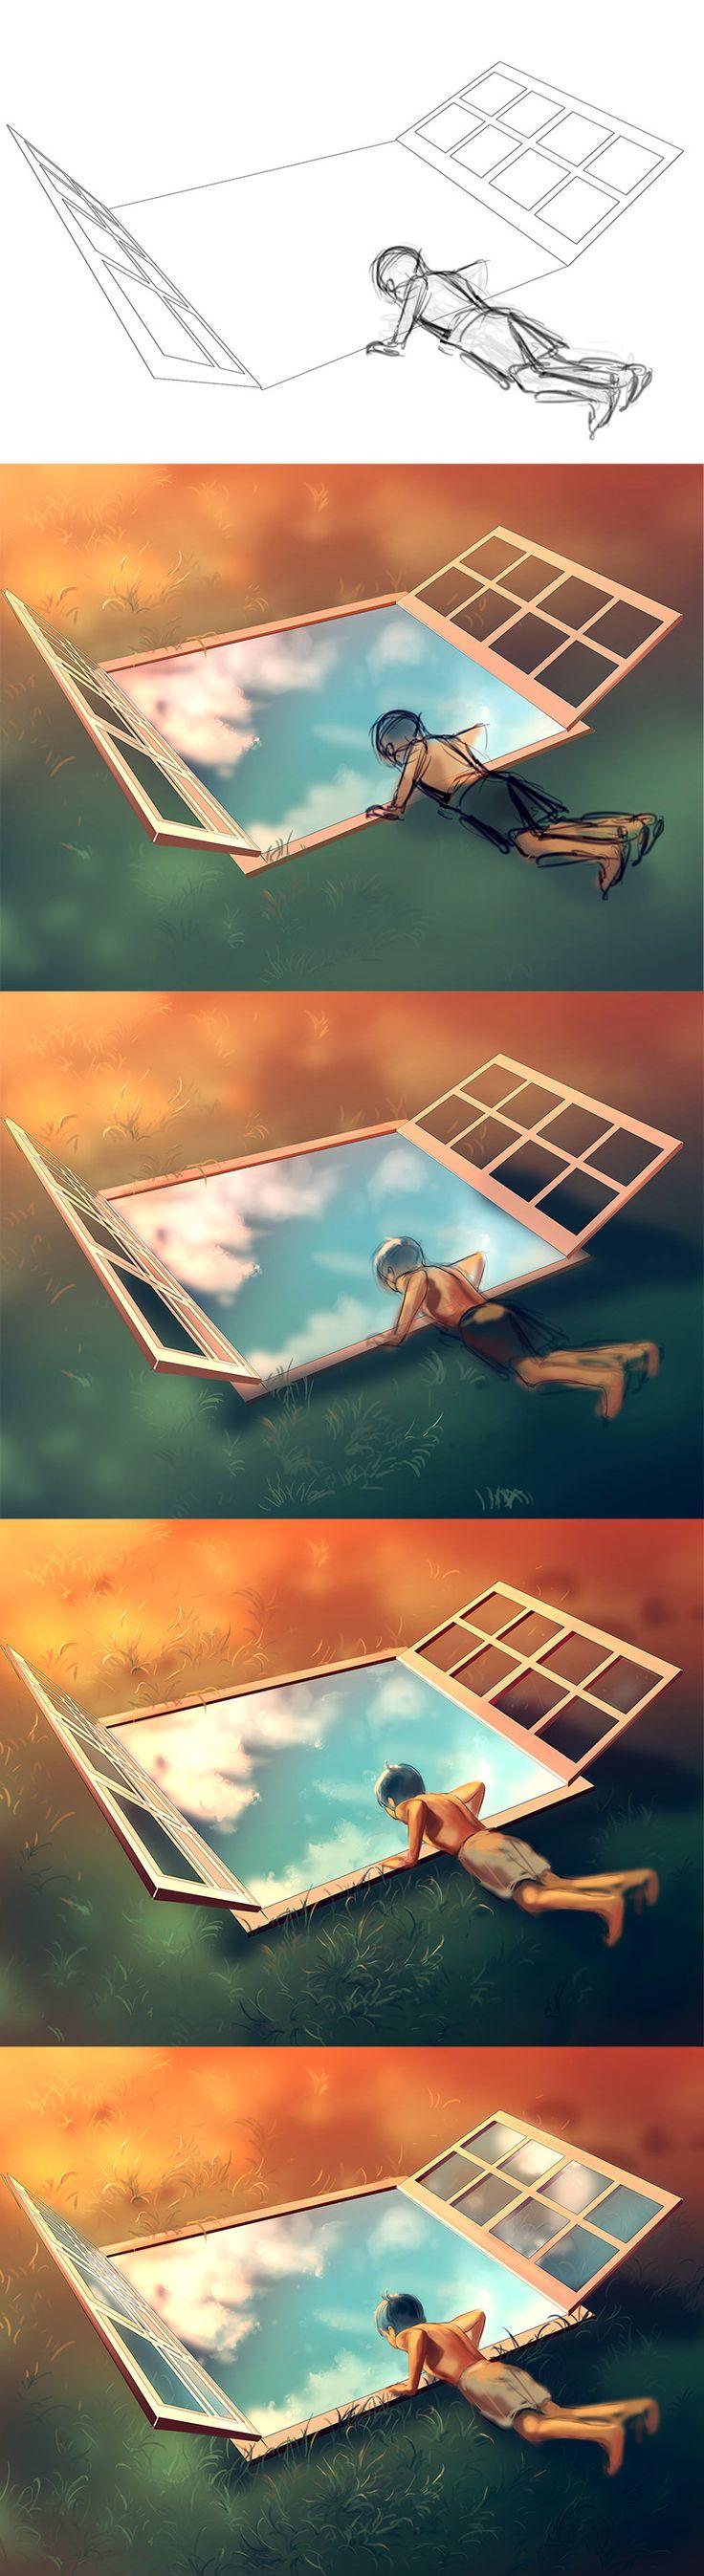 WIP of Sweet Vertigo by AquaSixio.deviantart.com on @deviantART